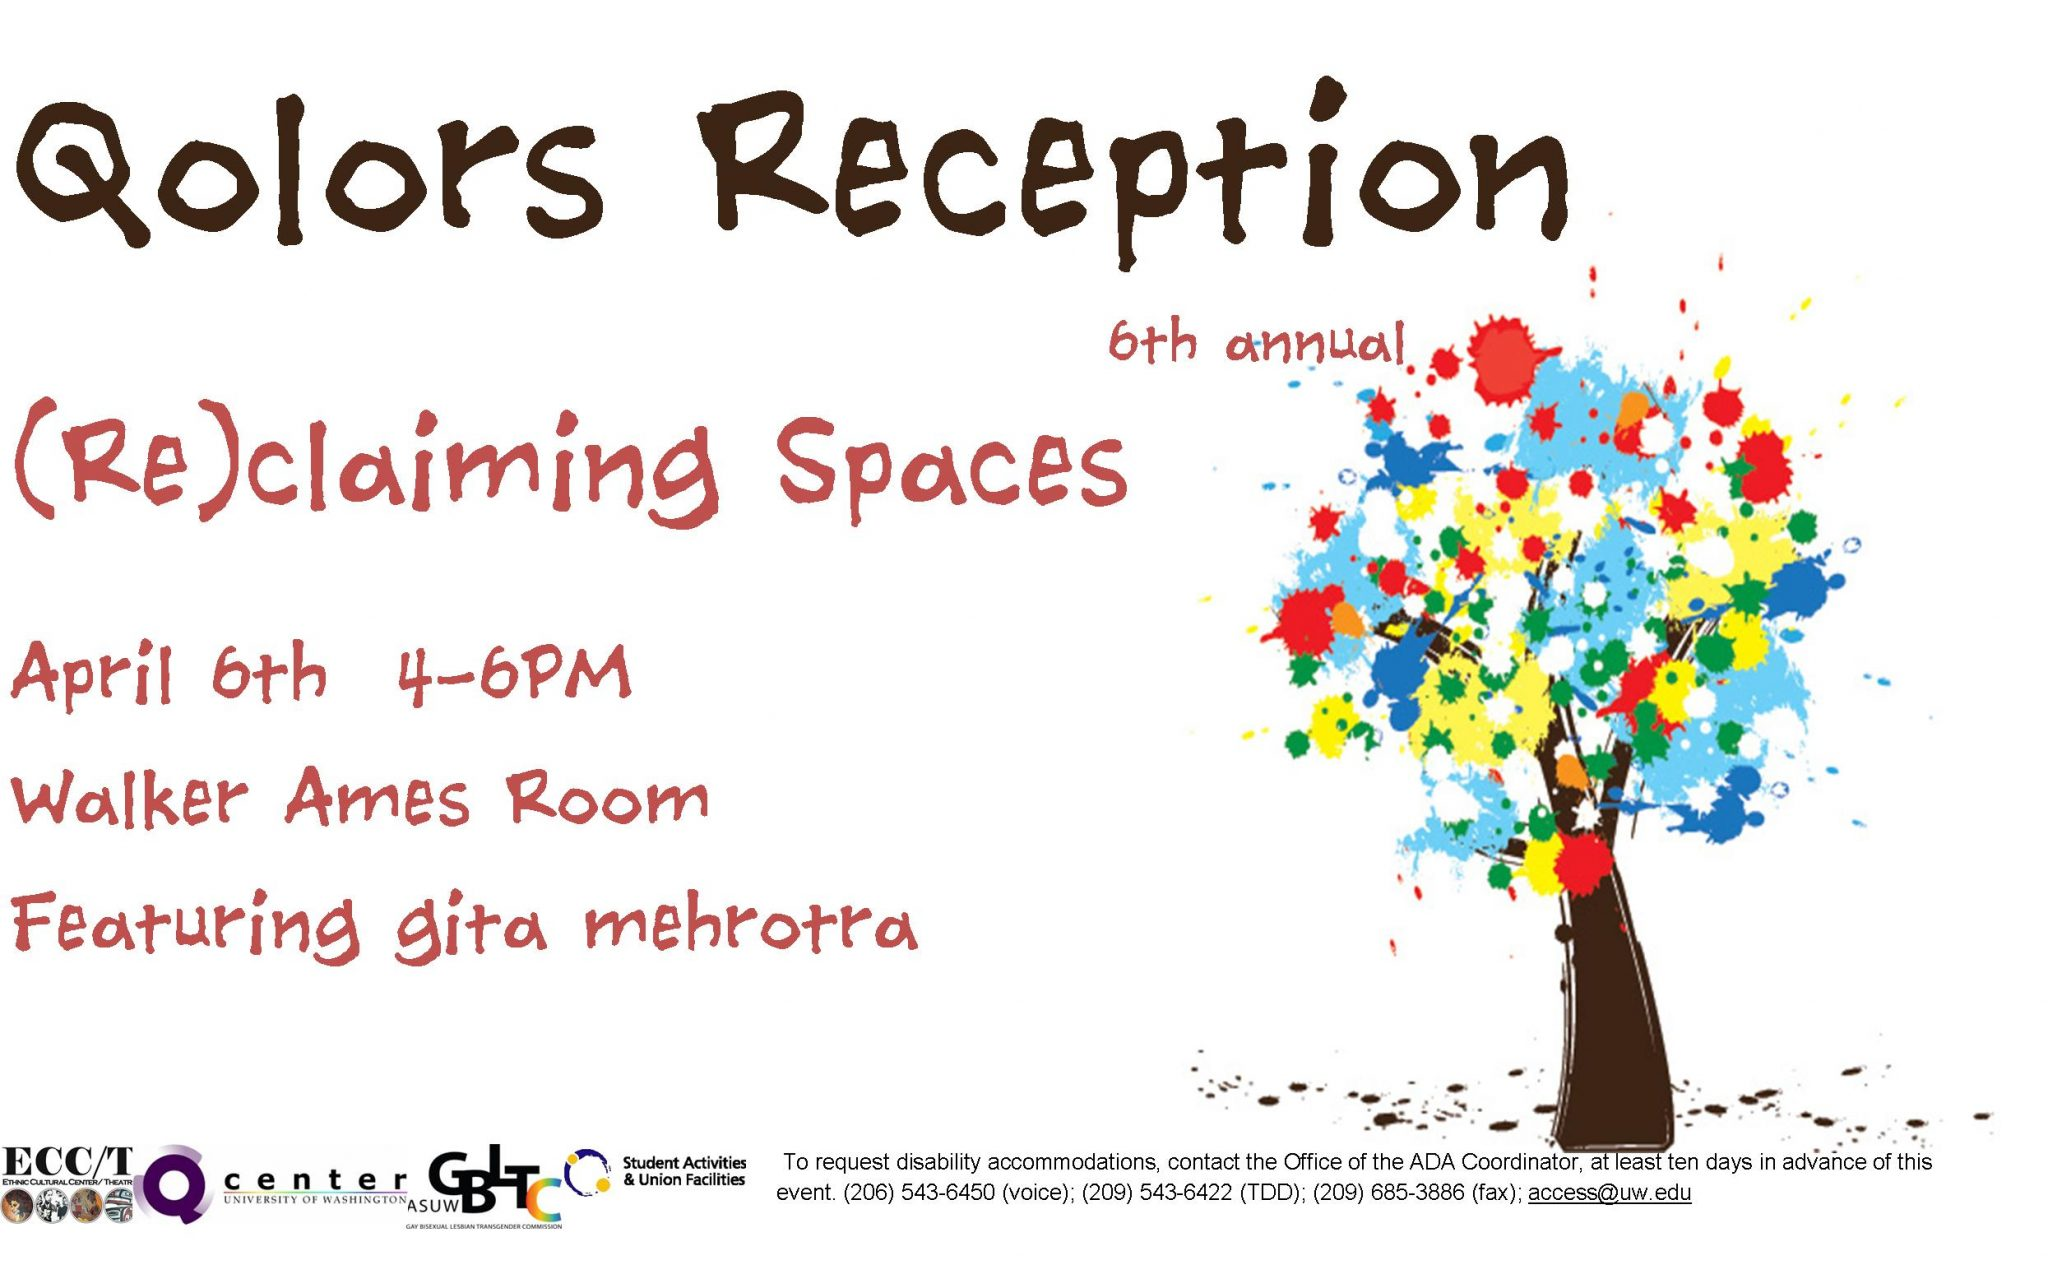 Qolors Reception Poster